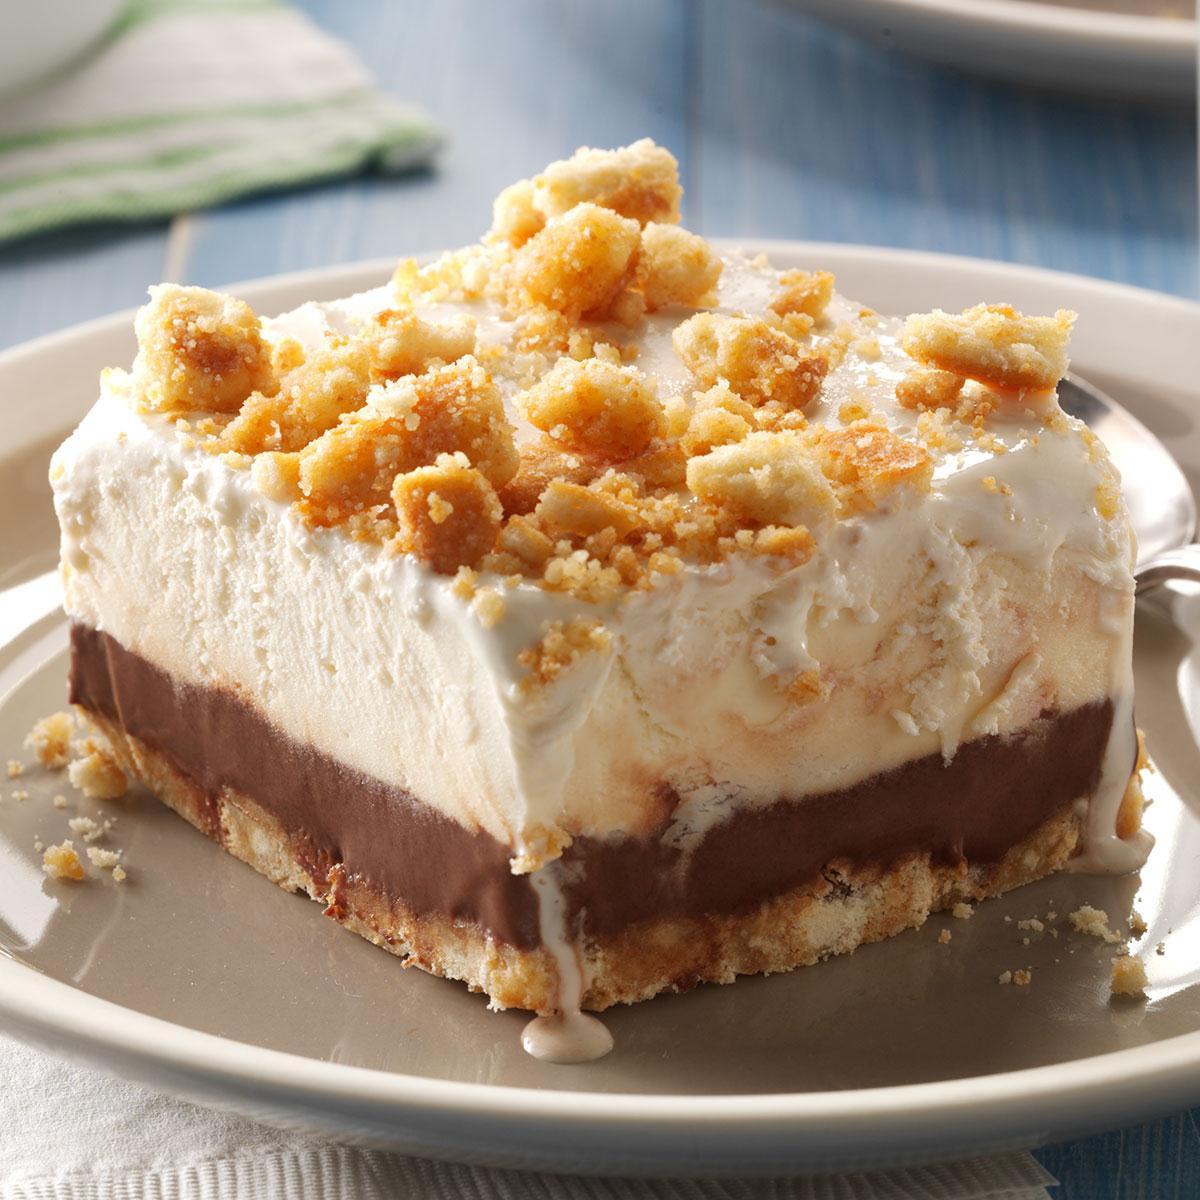 Best Easy Dessert Recipes  Easy Ice Cream Sundae Dessert Recipe